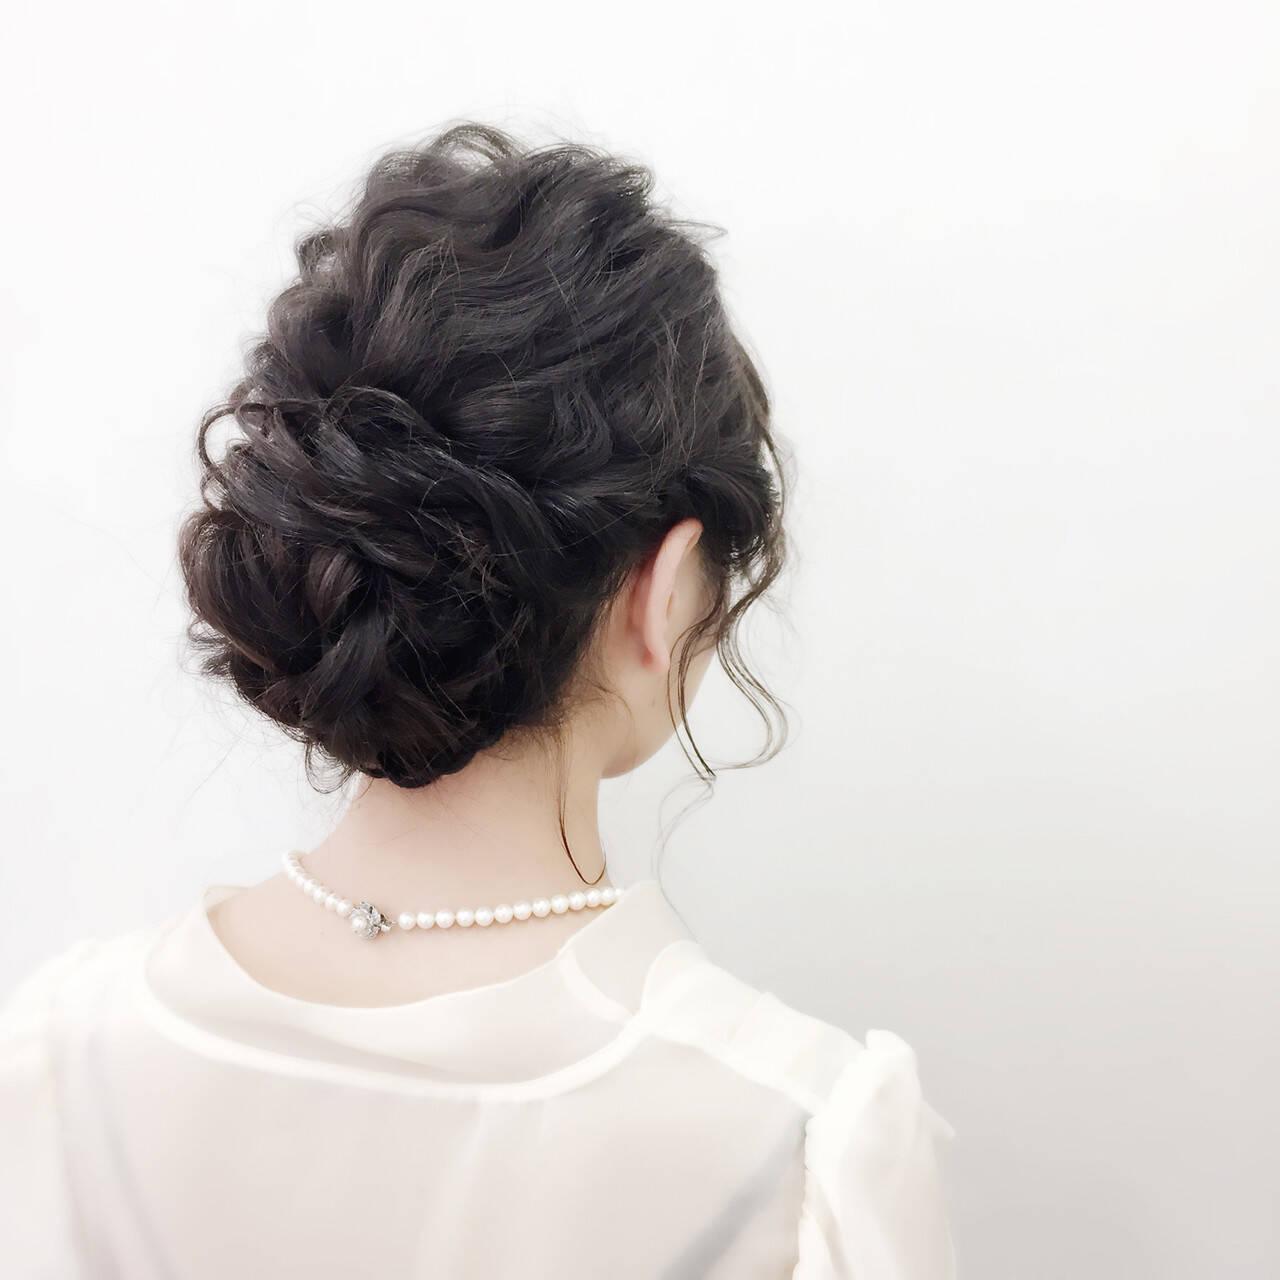 ヘアアレンジ アップスタイル 二次会 セミロングヘアスタイルや髪型の写真・画像